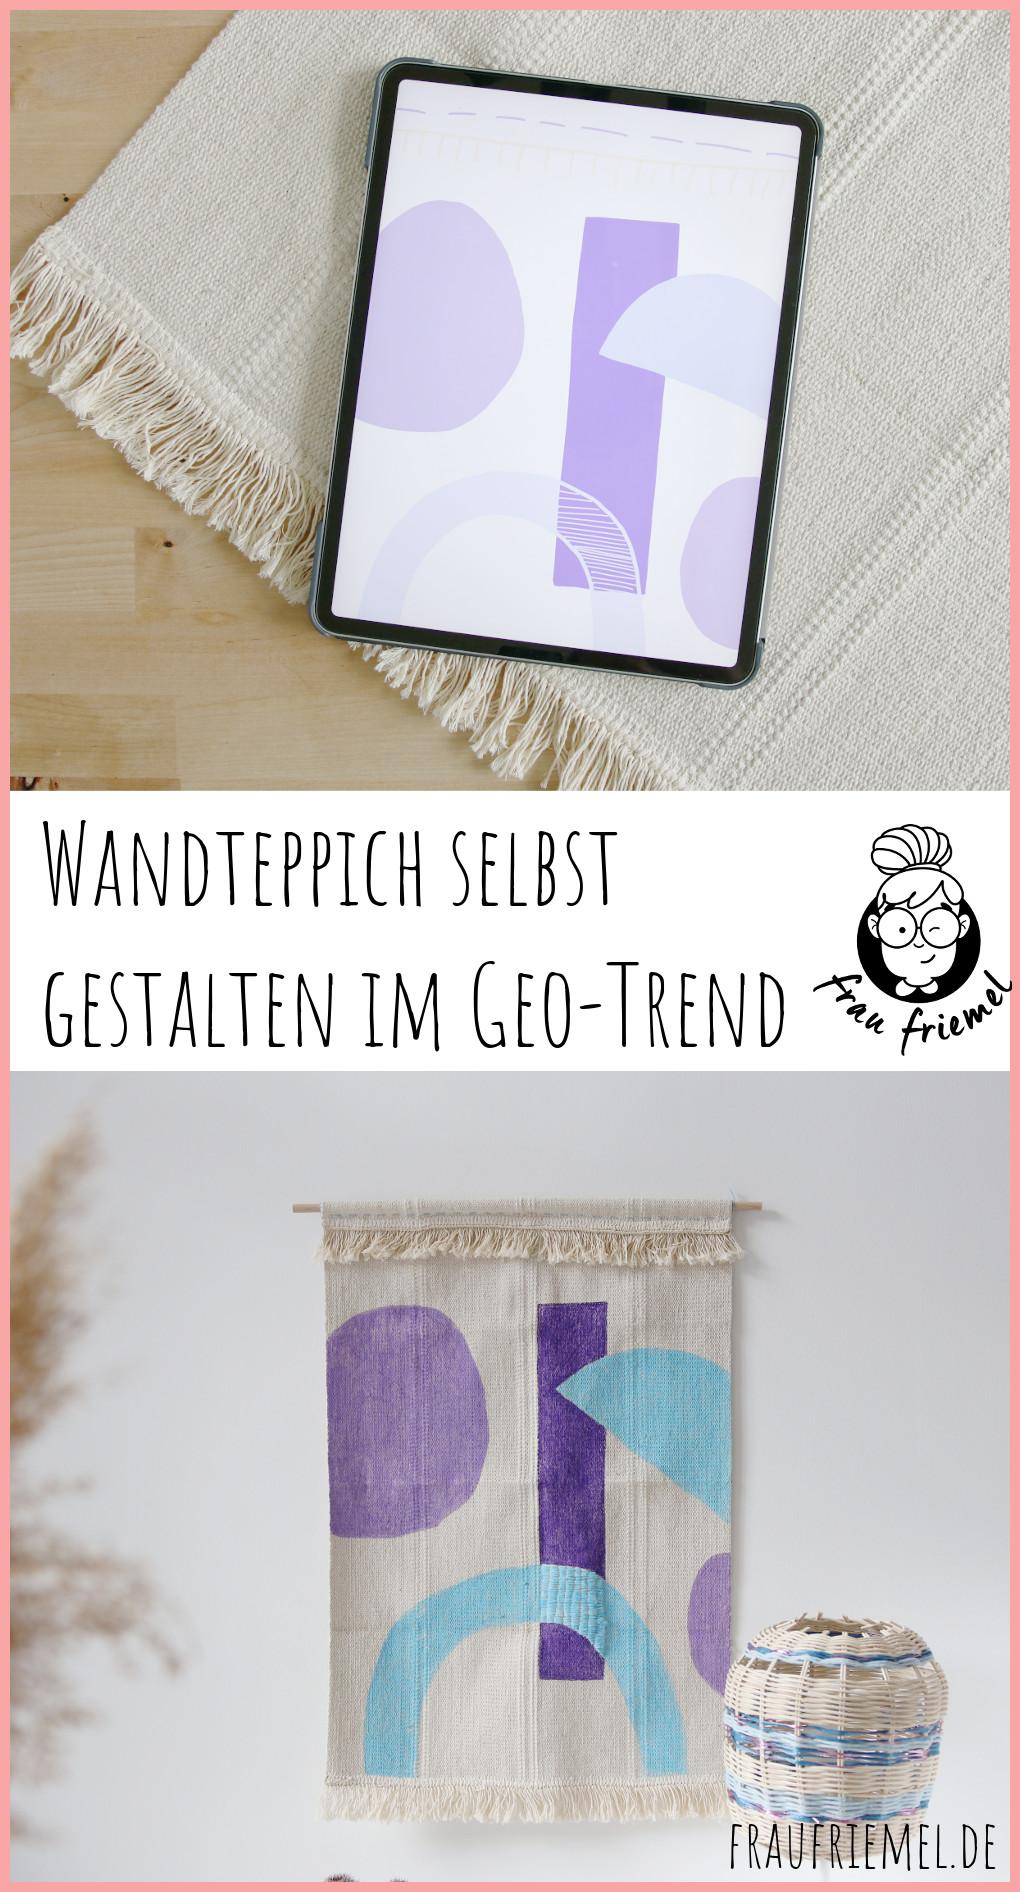 Wandteppich selbst gestalten mit geometrischen Mustern auf Pinterest merken